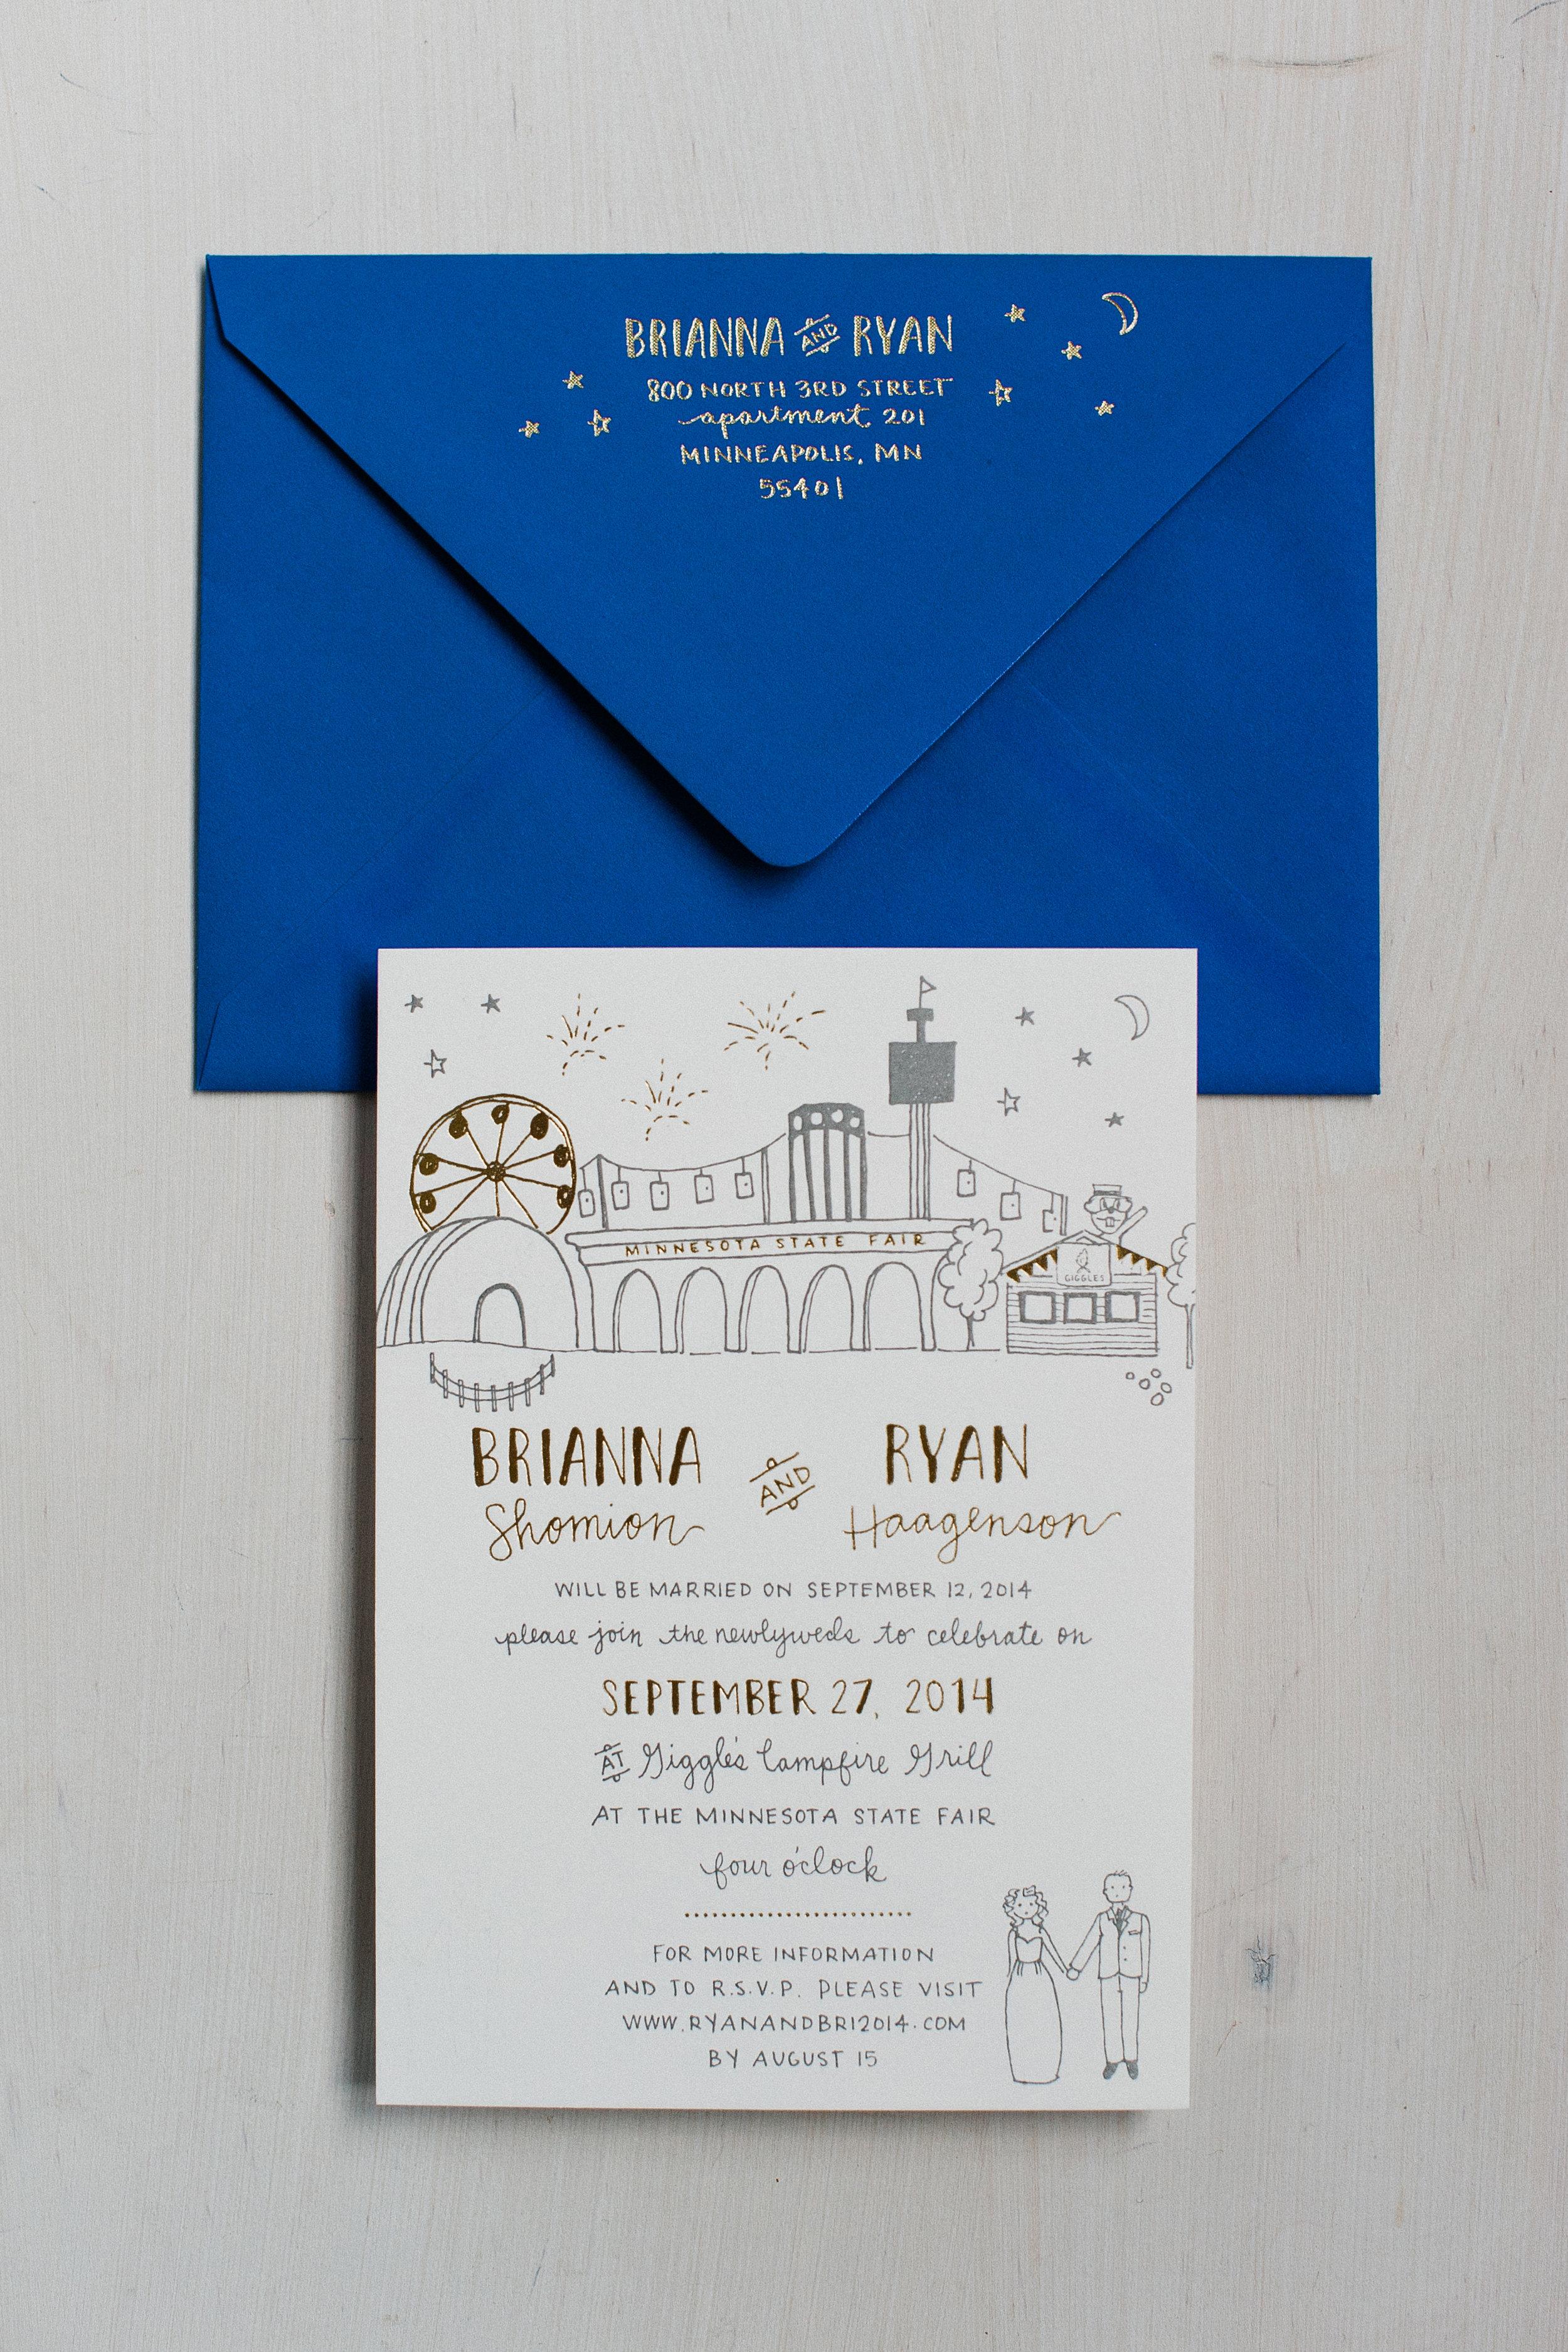 invitation_4 version3.jpg